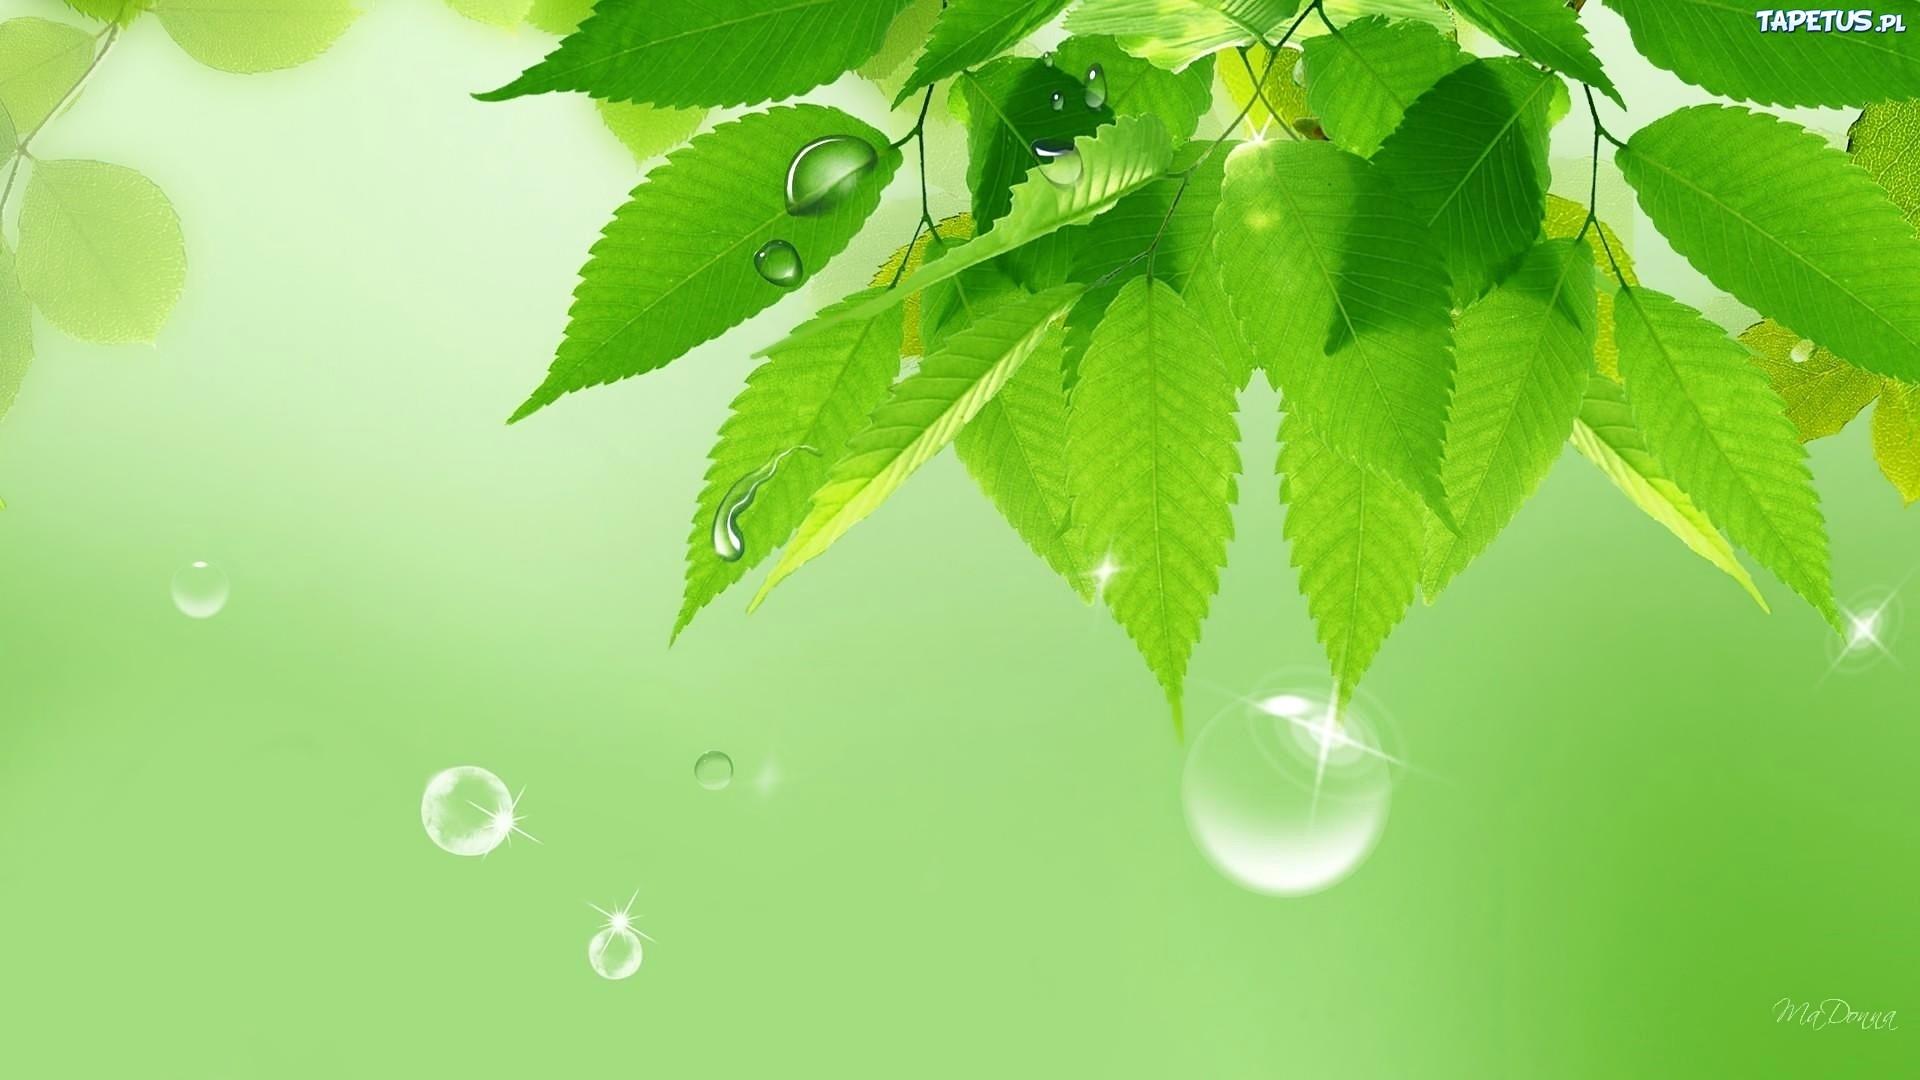 капли листки лес загрузить